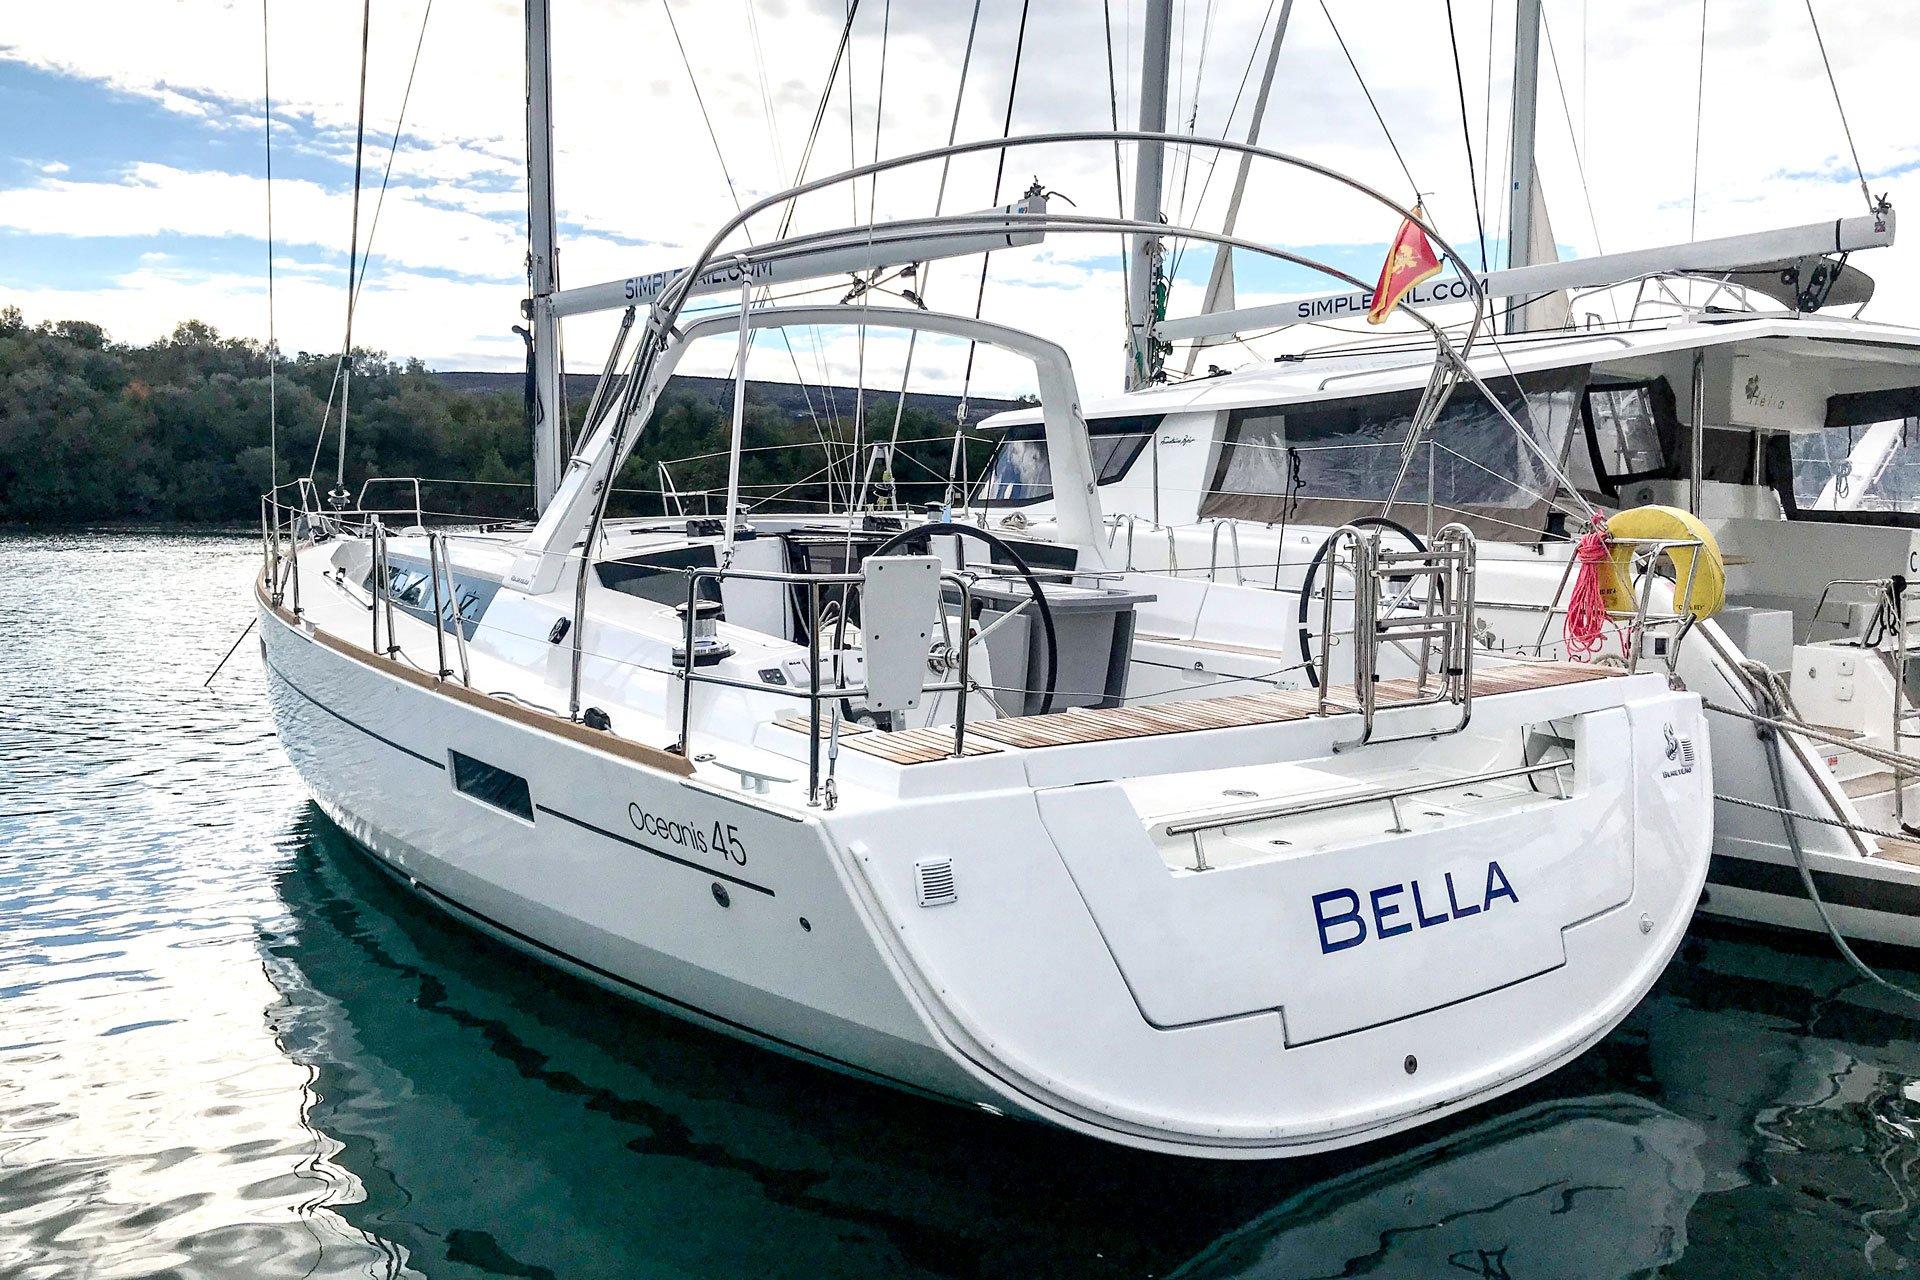 Beneteau Oceanis 45 Bella